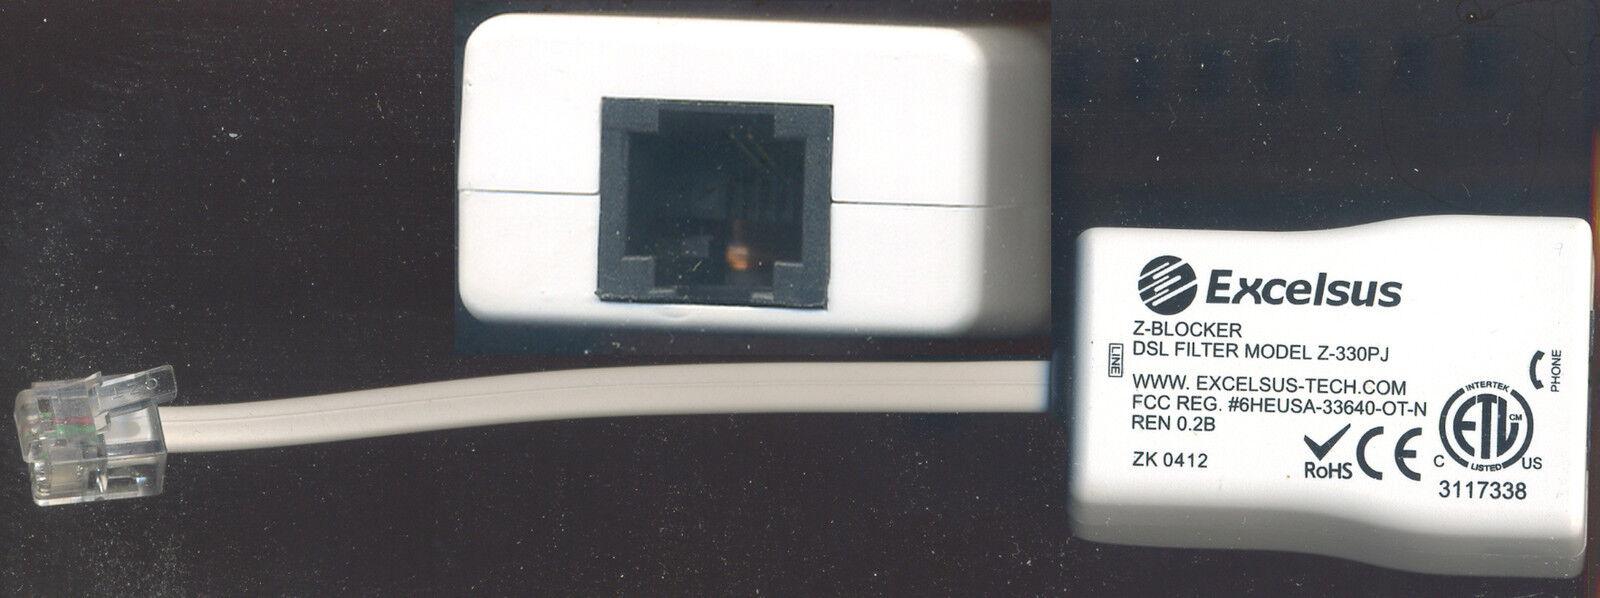 Excelsus Z-blocker DSL Filter Z-330pj Ethernet Modem Rj11 Comcast ...